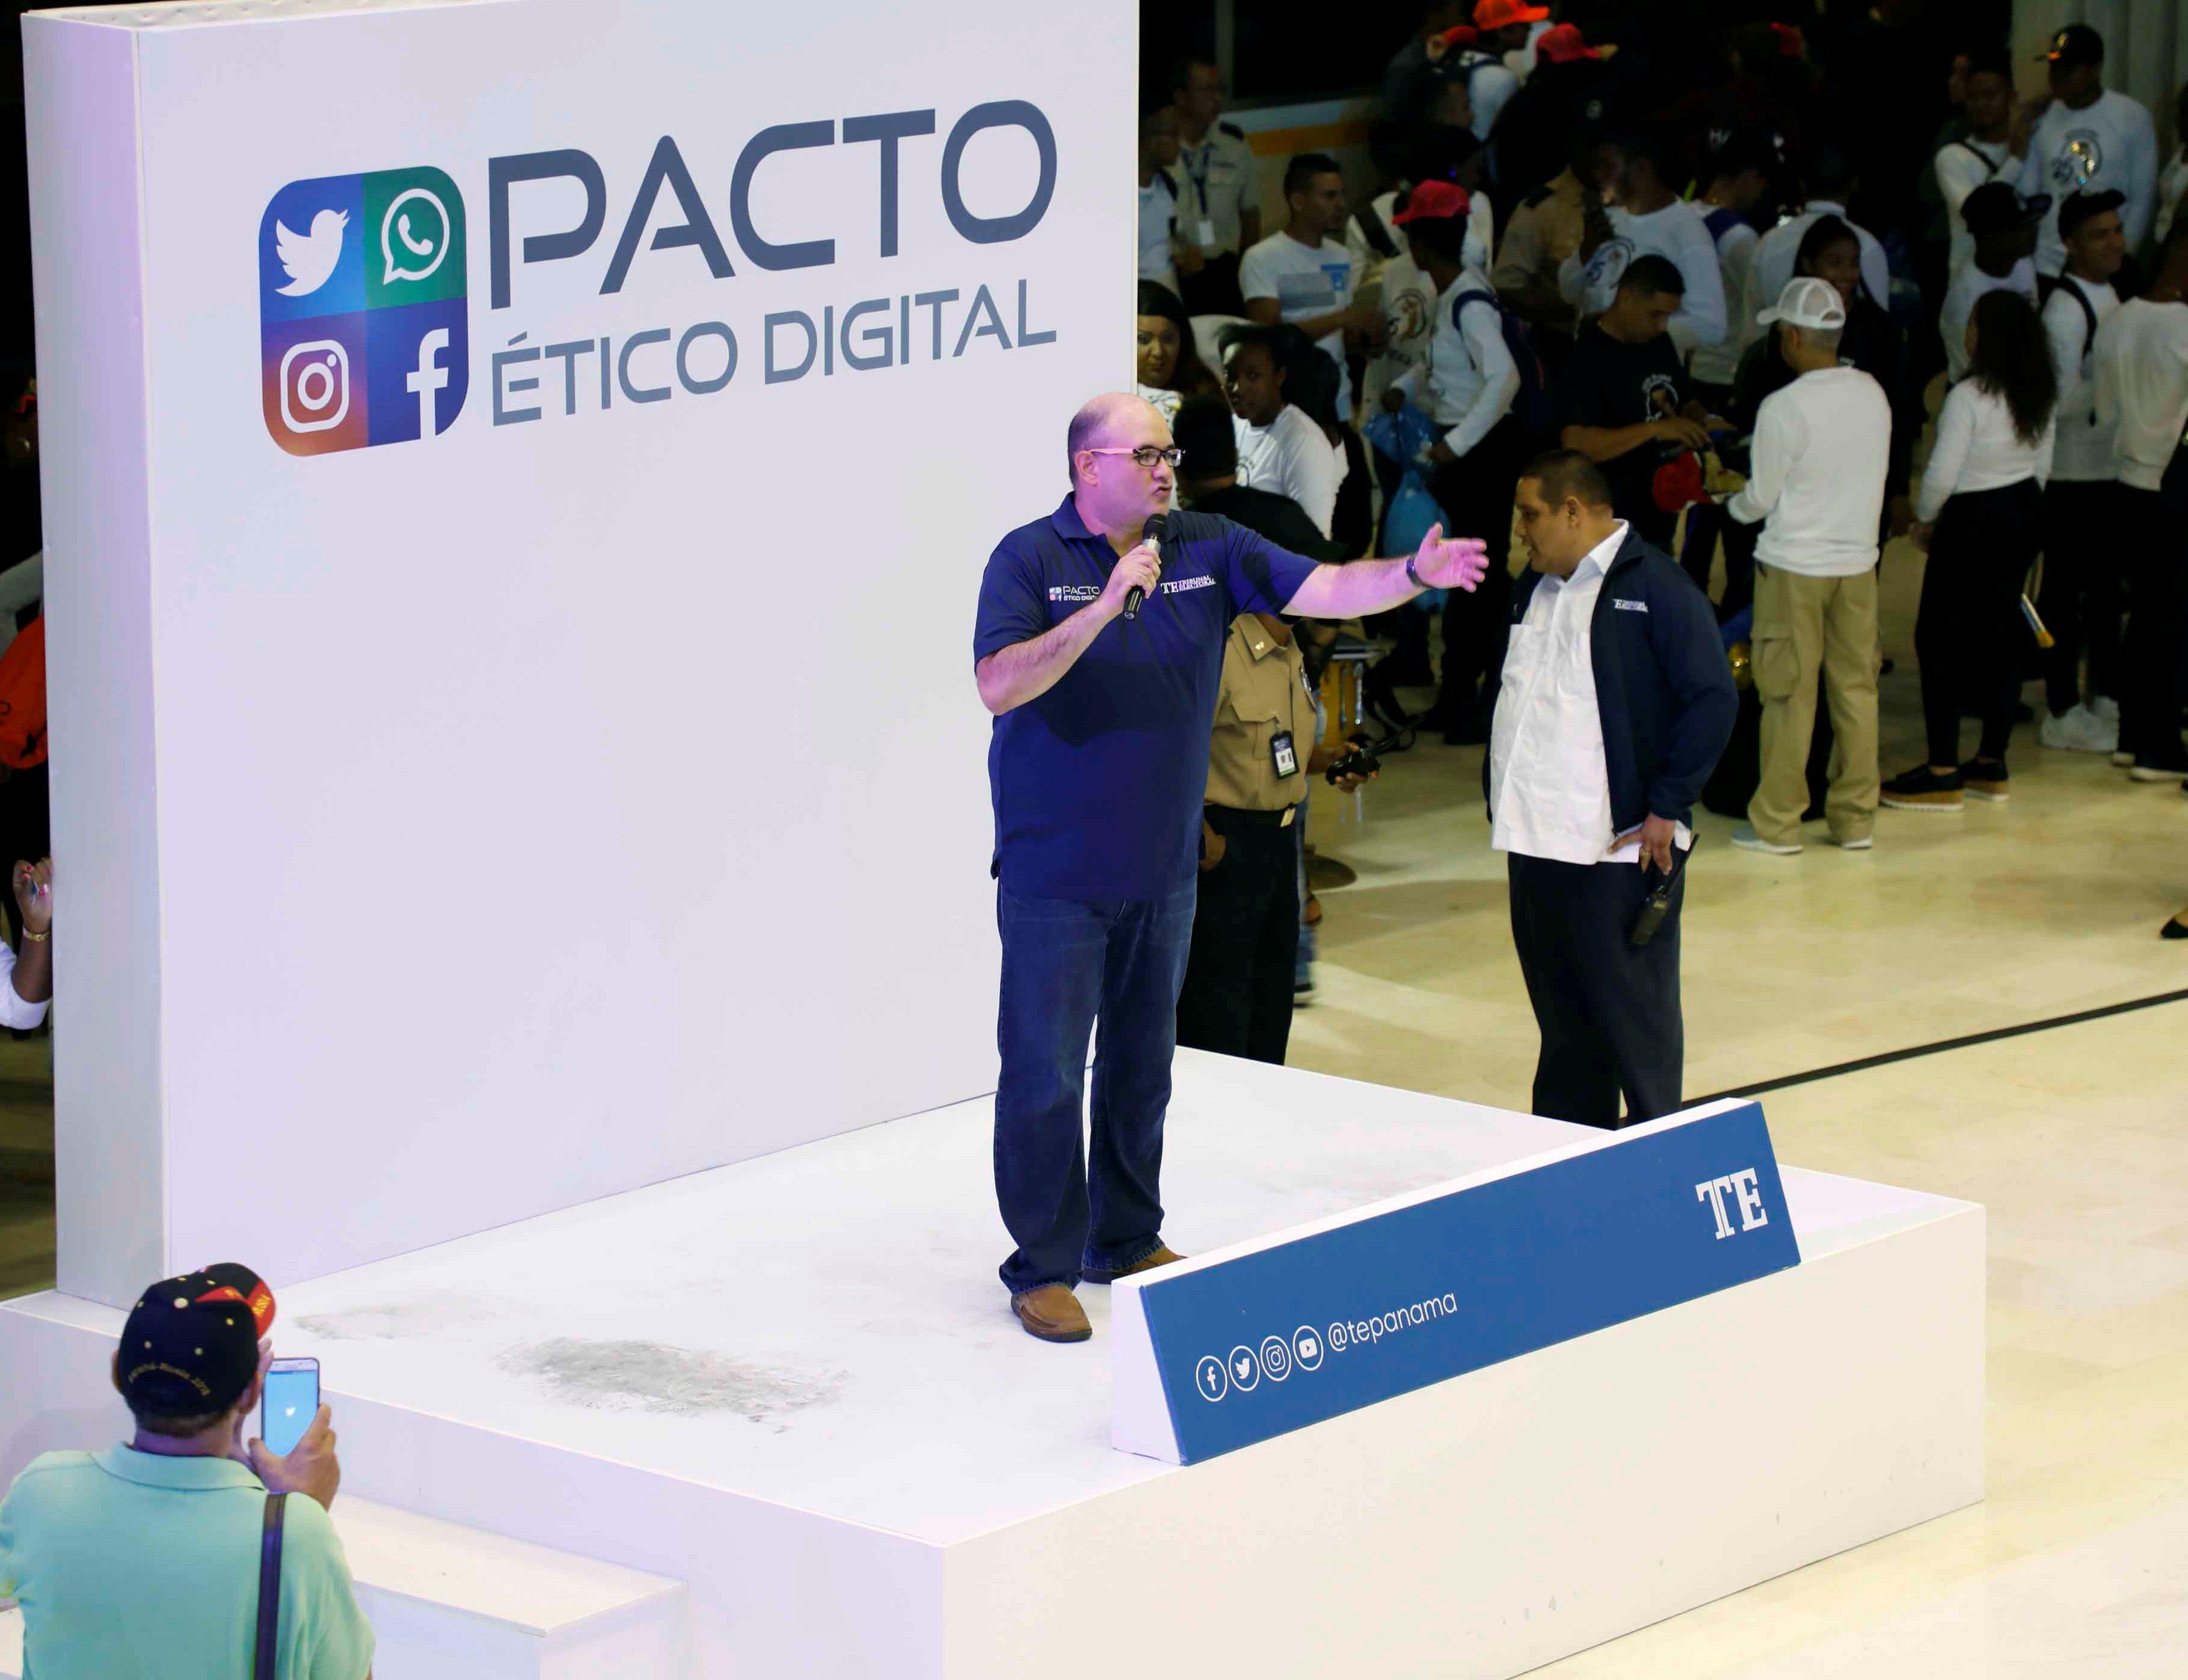 tribunal-electoral-lanza-pacto-etico-digital